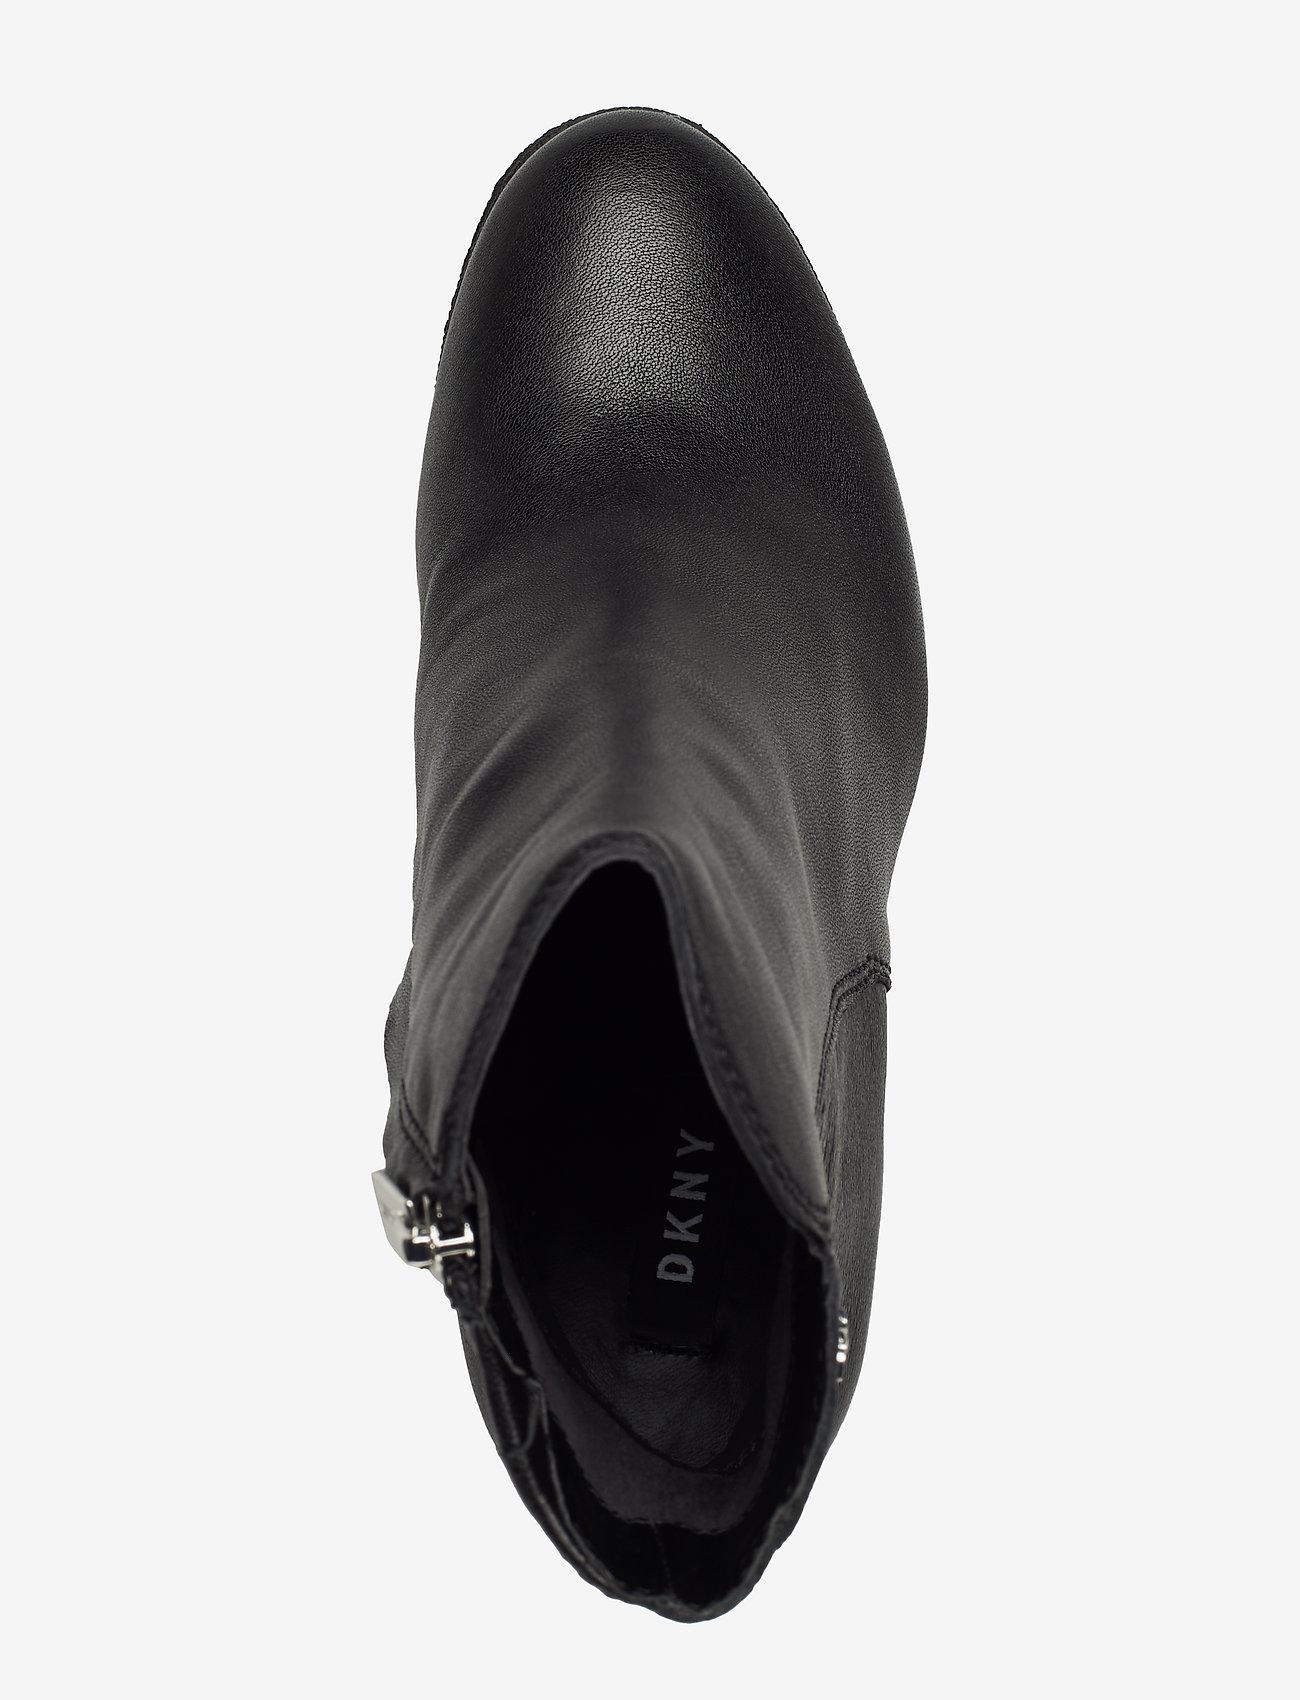 Tessi (Black) - DKNY